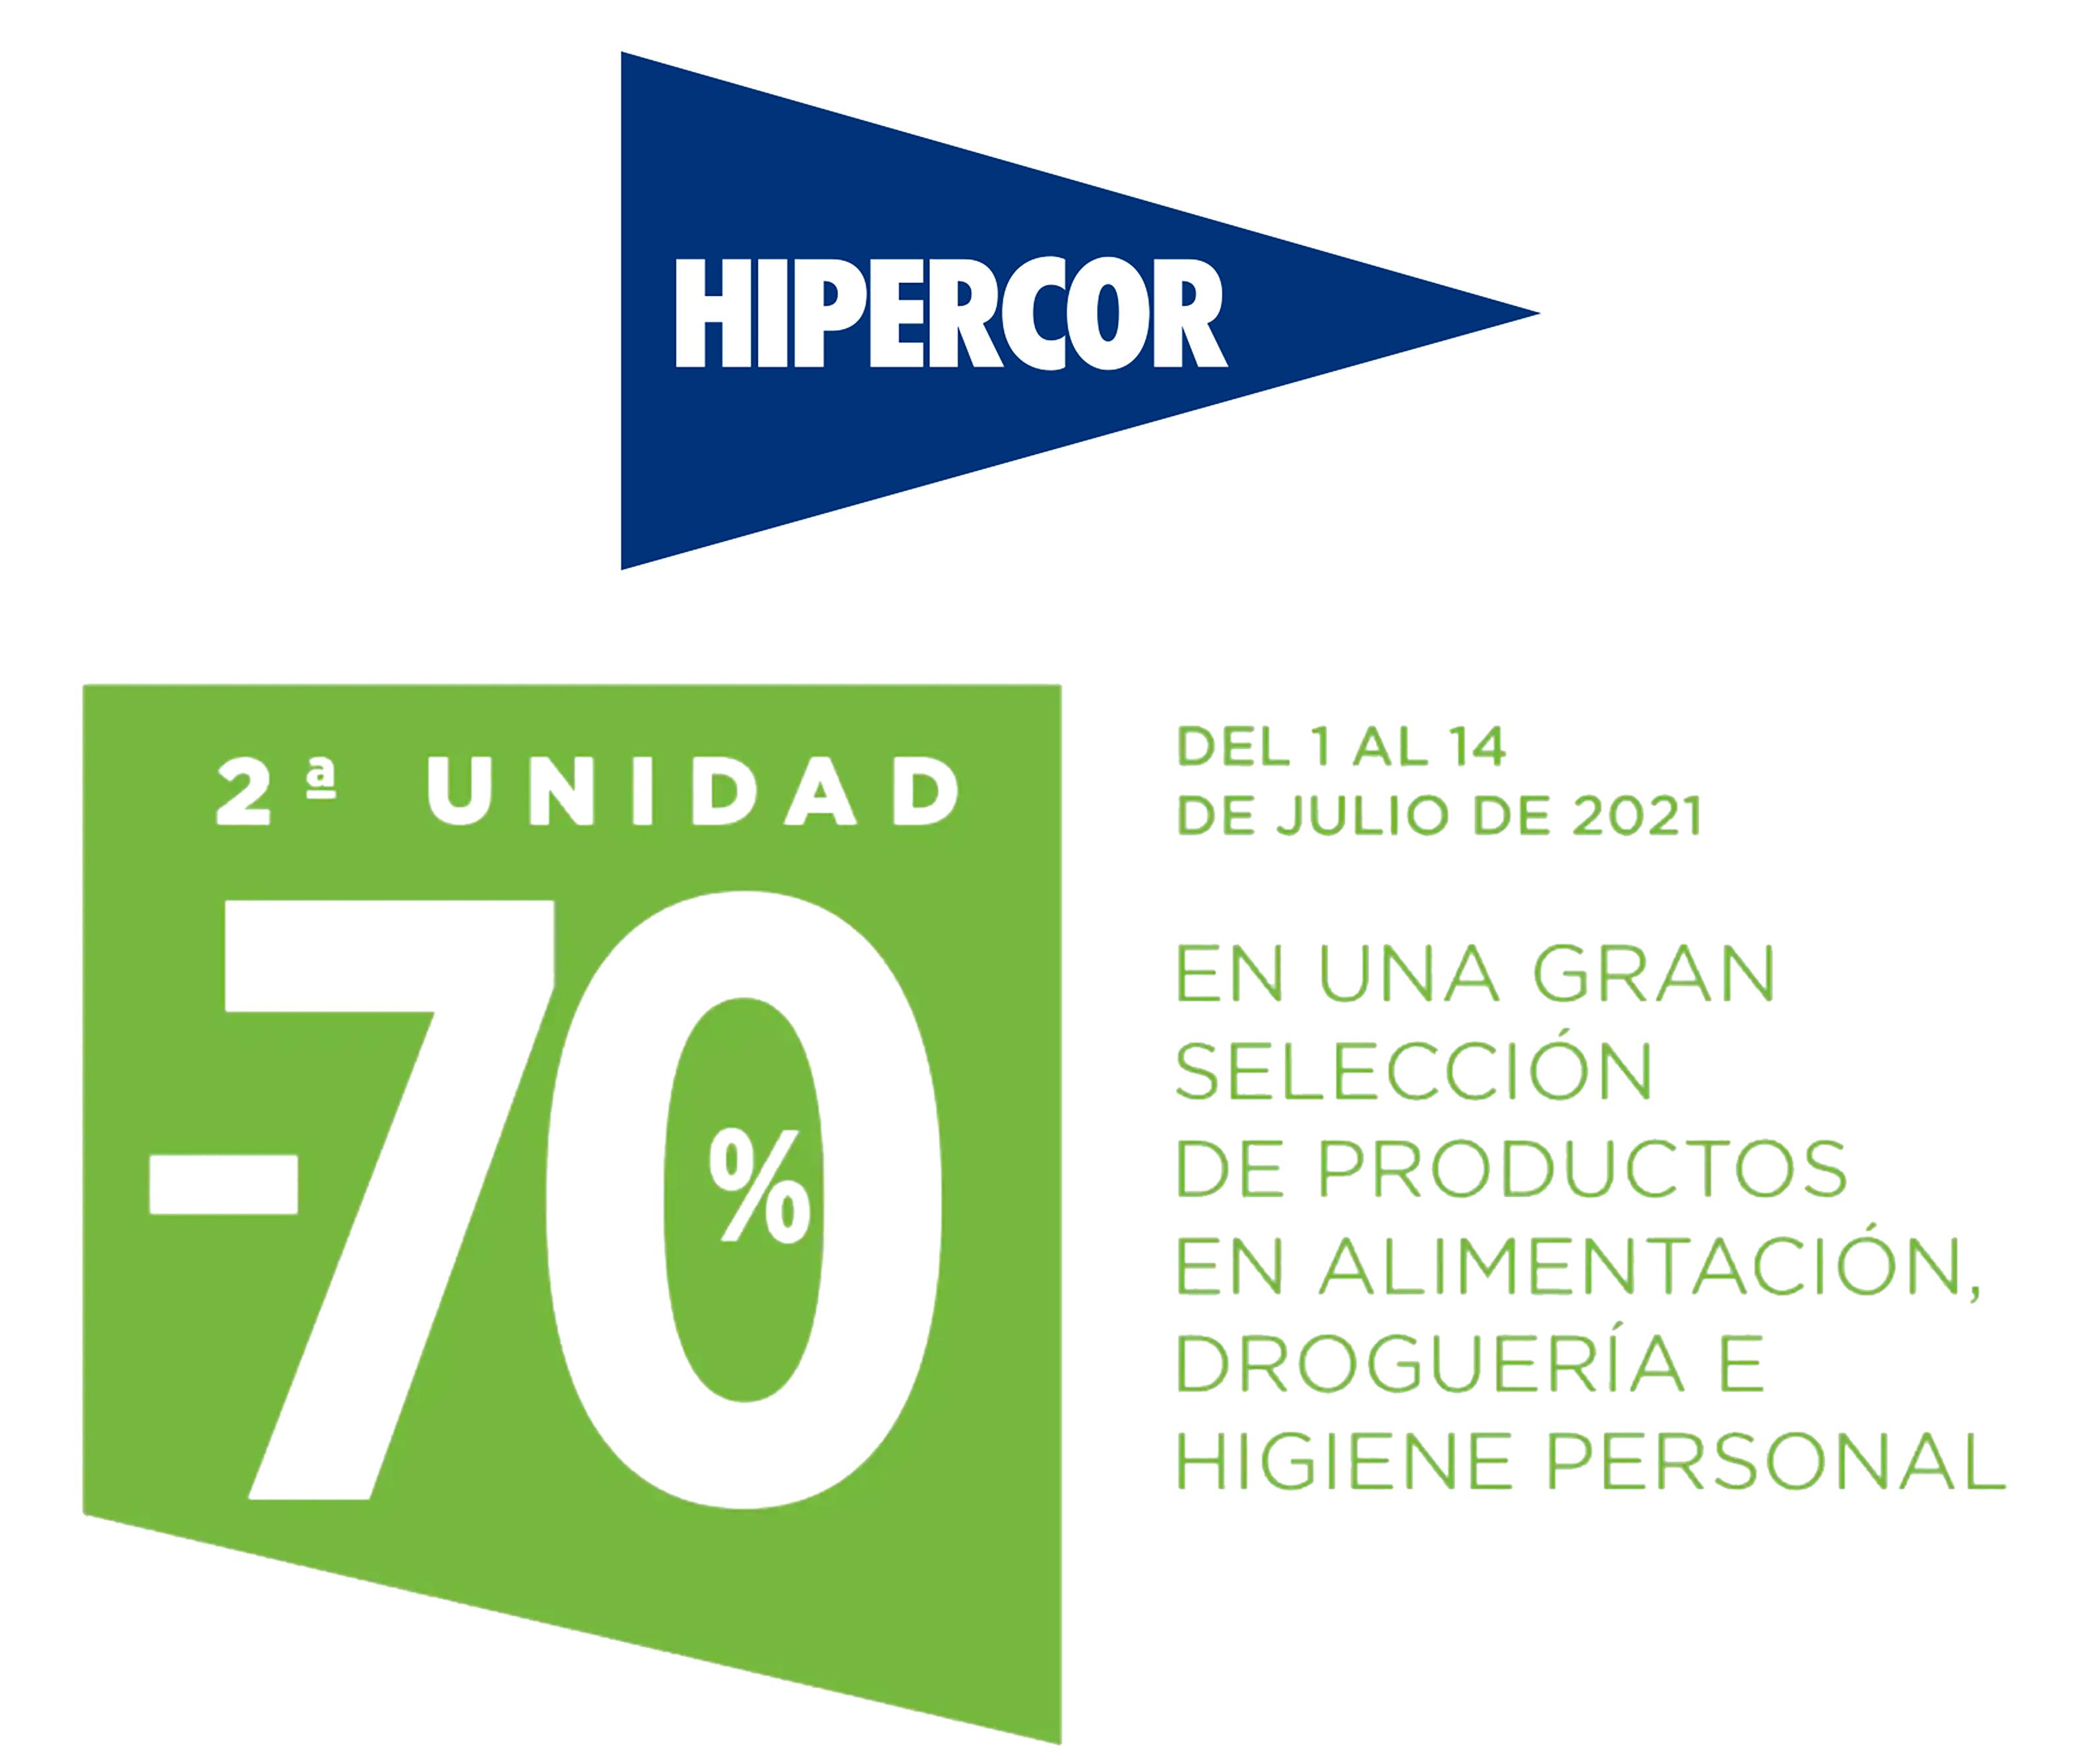 2ª Unidad al -70% en Hipercor